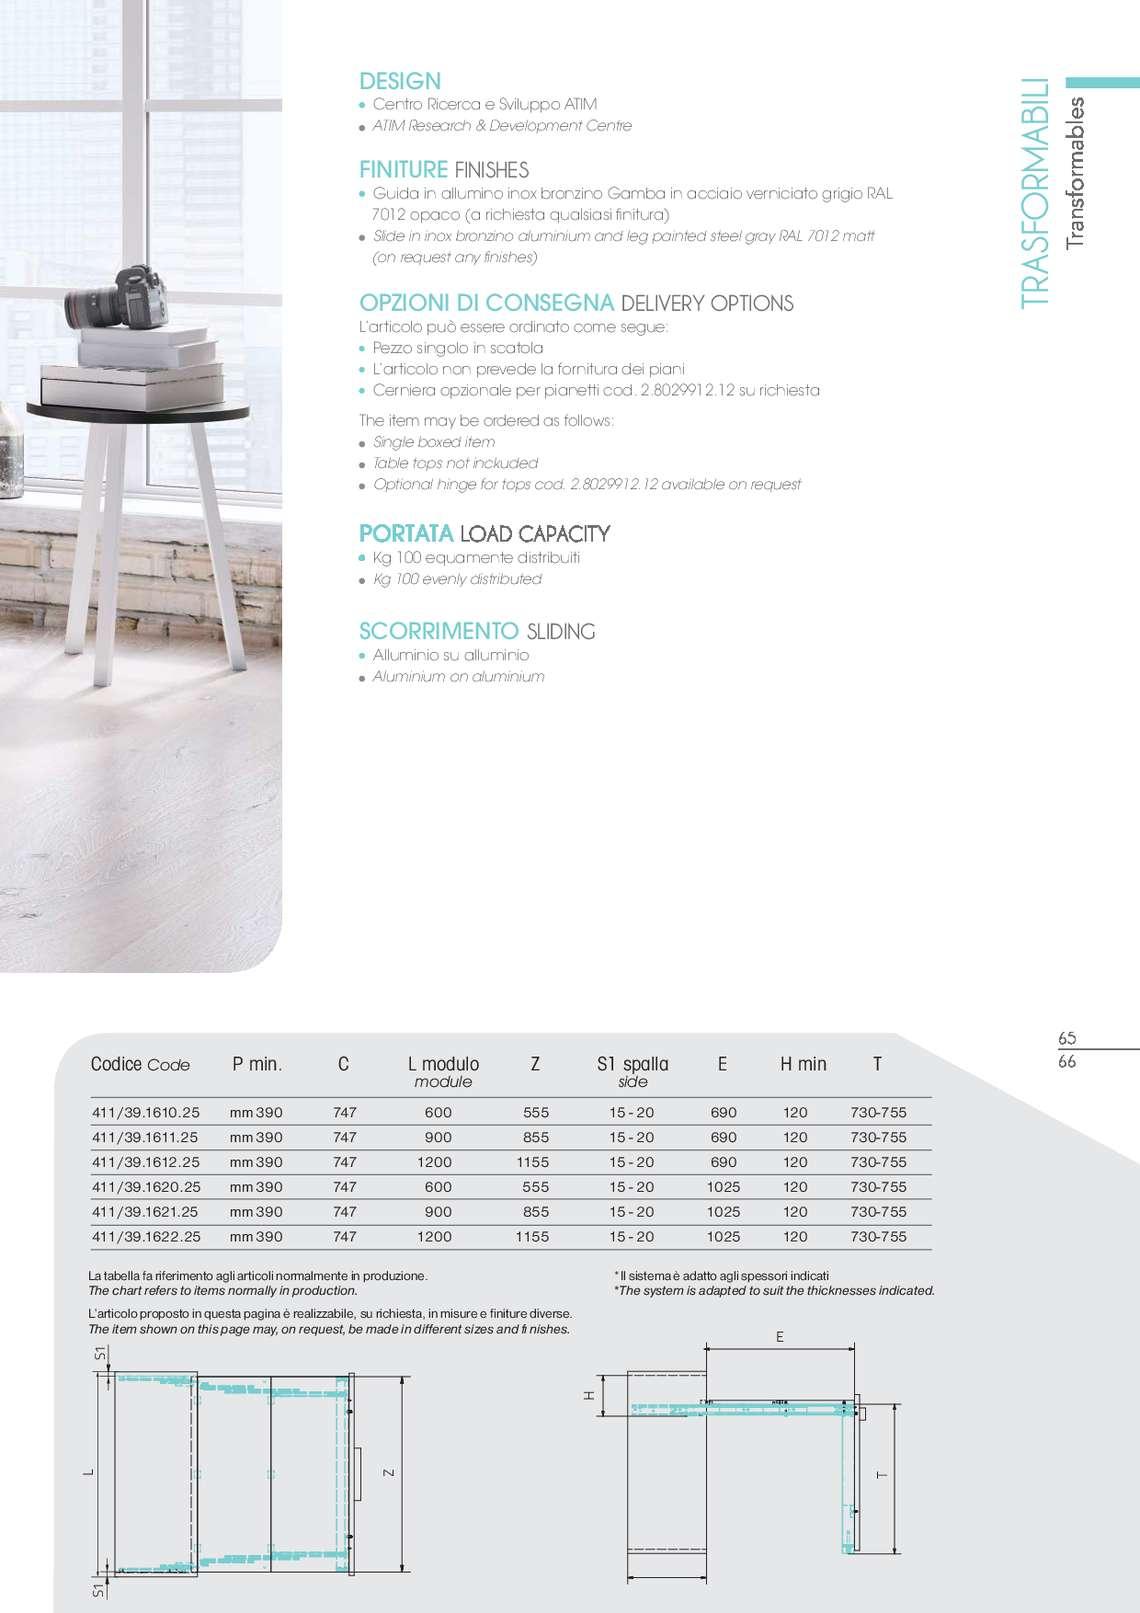 catalogo-trasformabili-atim_22_070.jpg